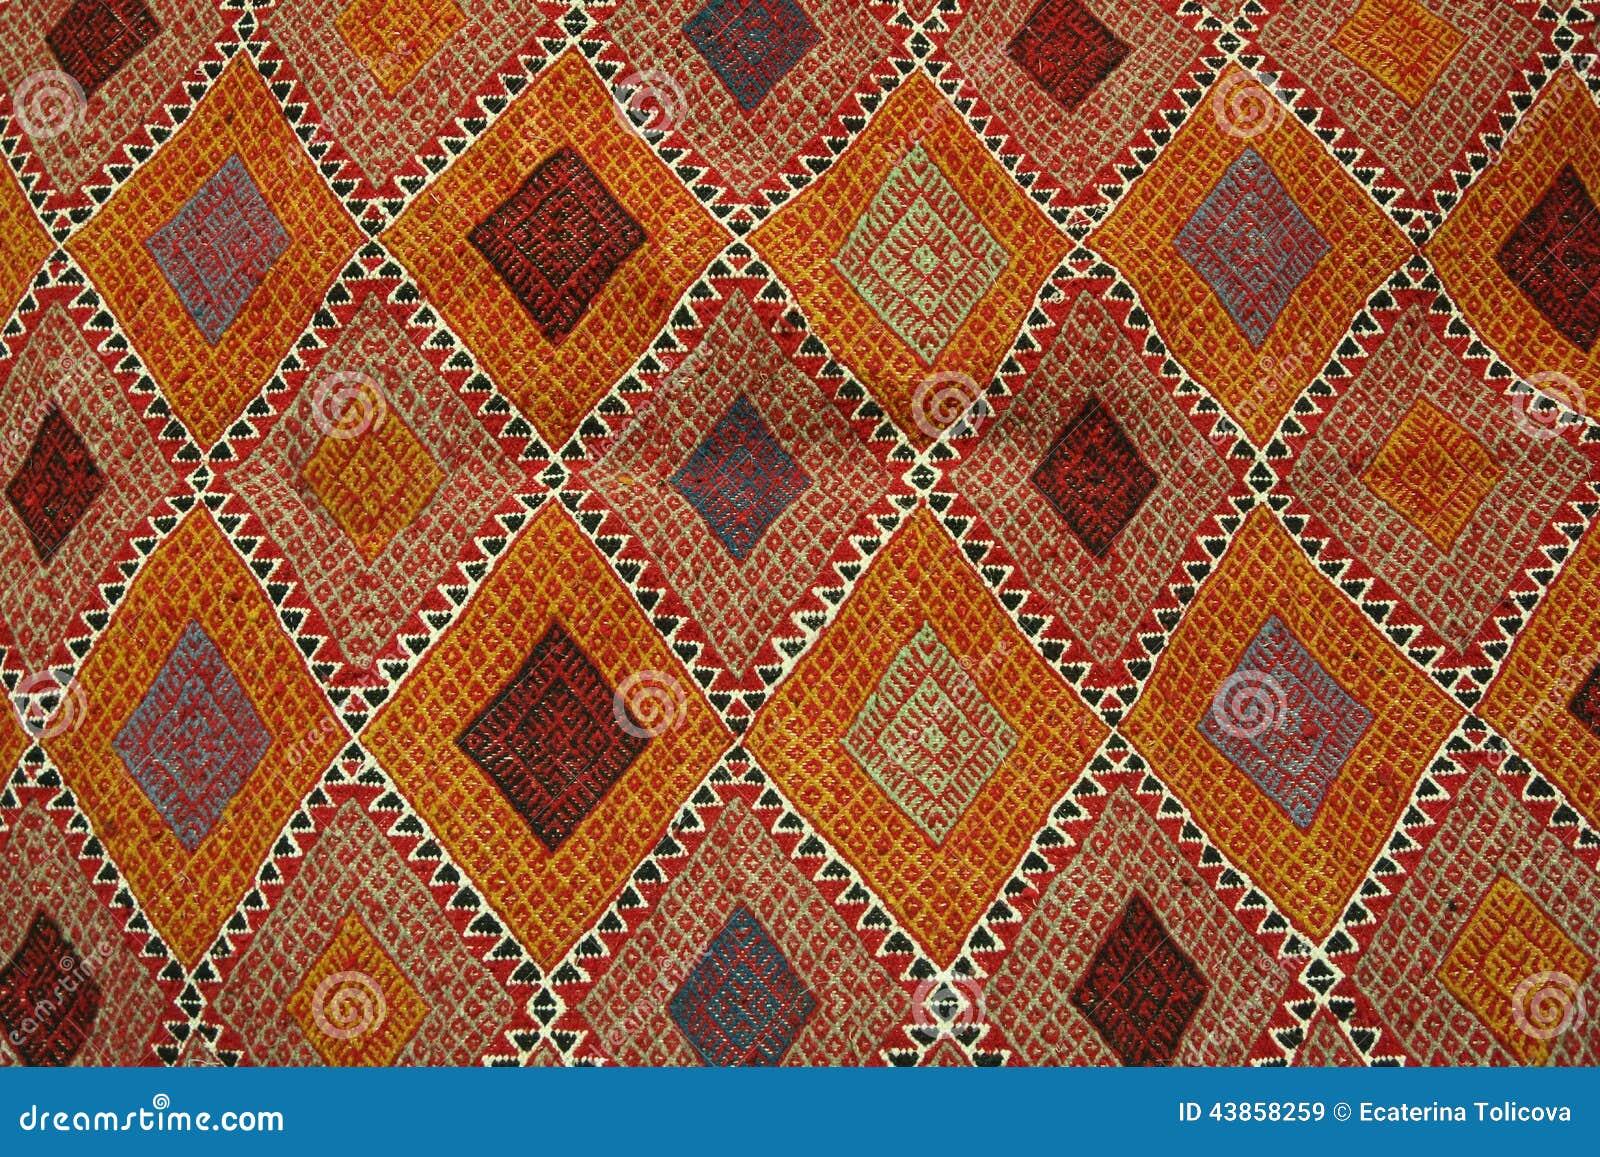 Tunesischer Teppich  Margoum Stockfoto  Bild 43858259